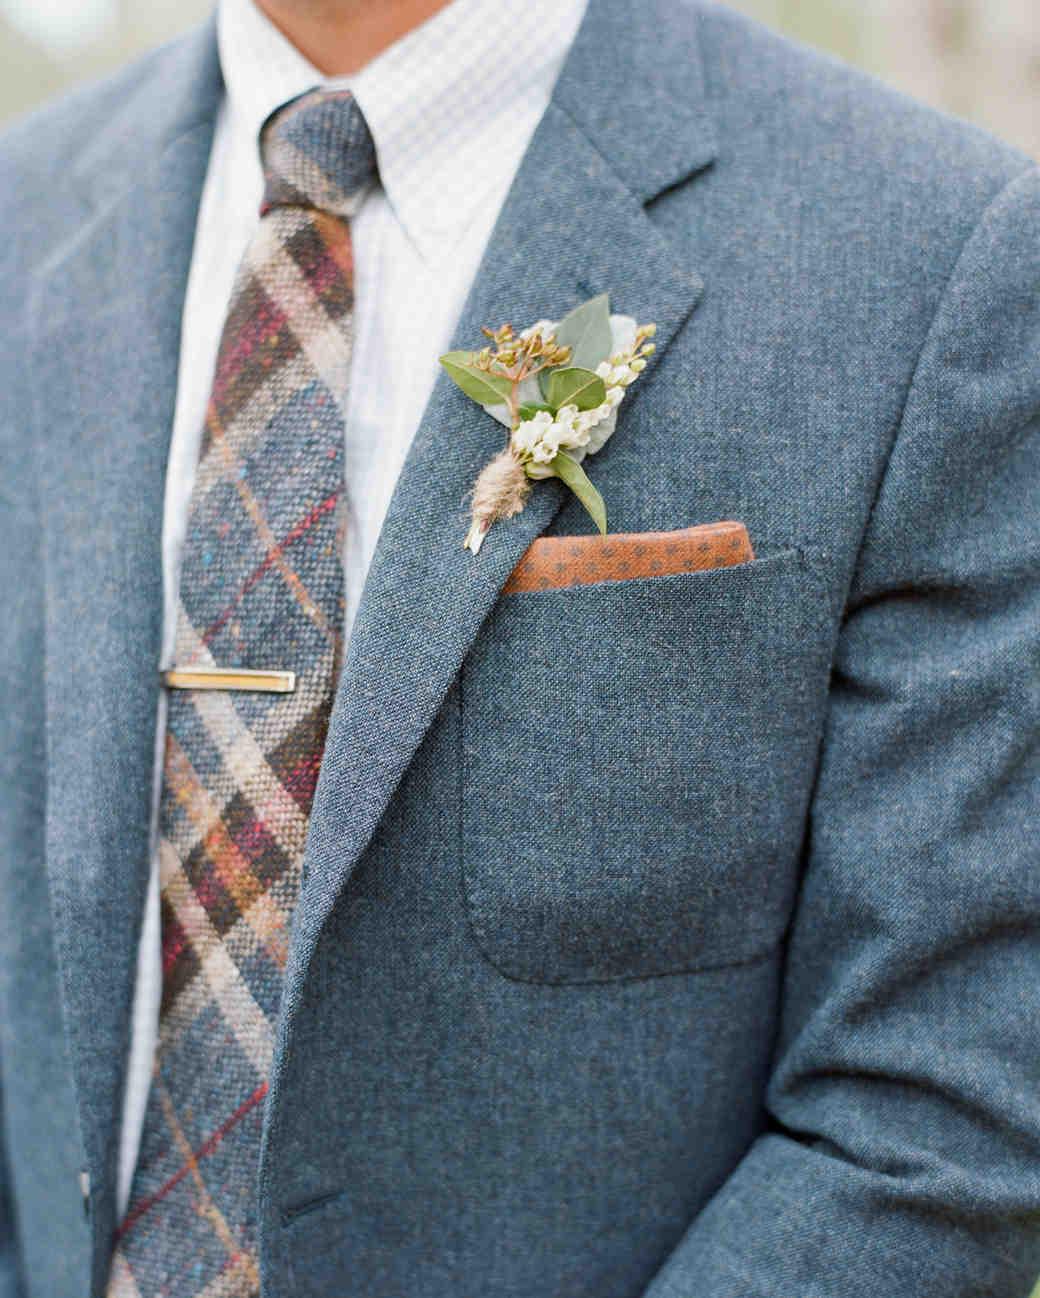 callie-eric-wedding-boutonniere-140-s112113-0815.jpg